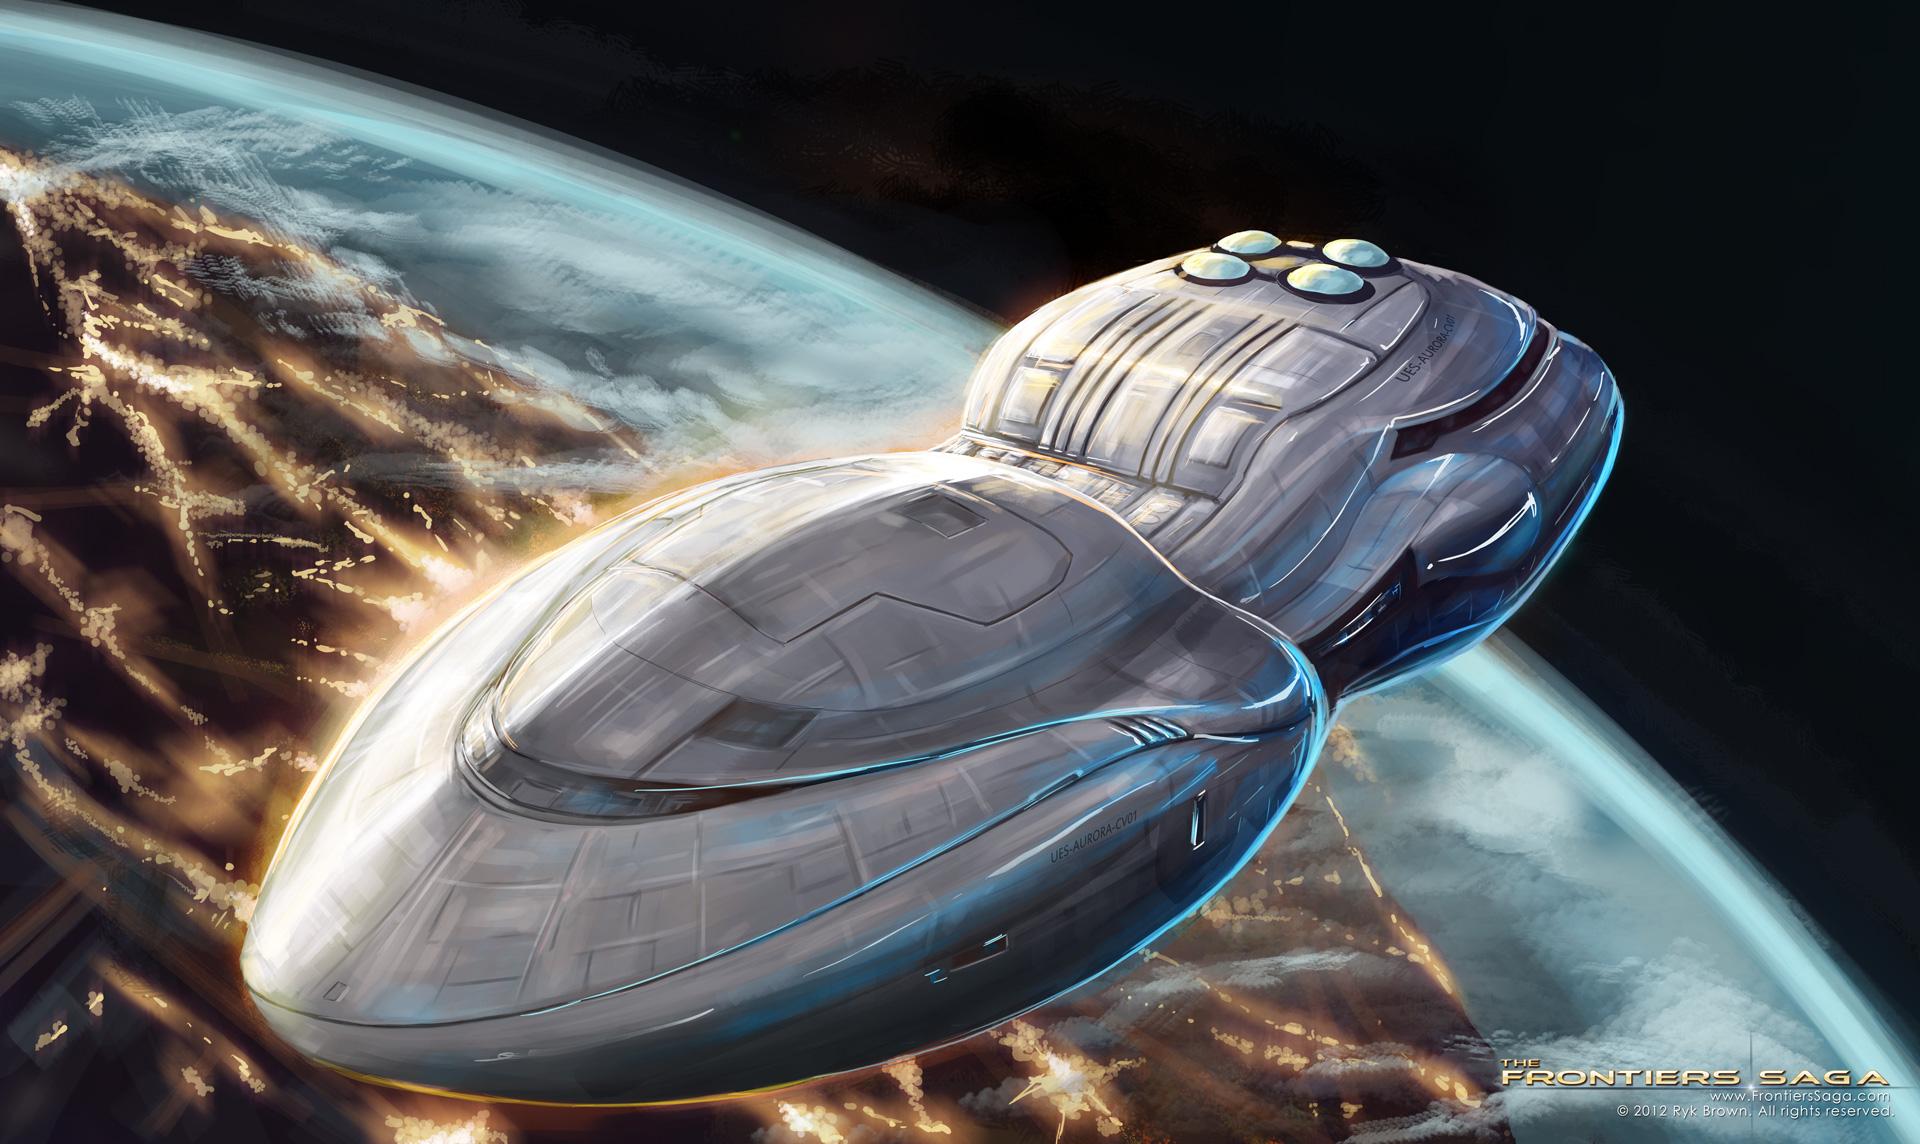 aurora spacecraft game - photo #45